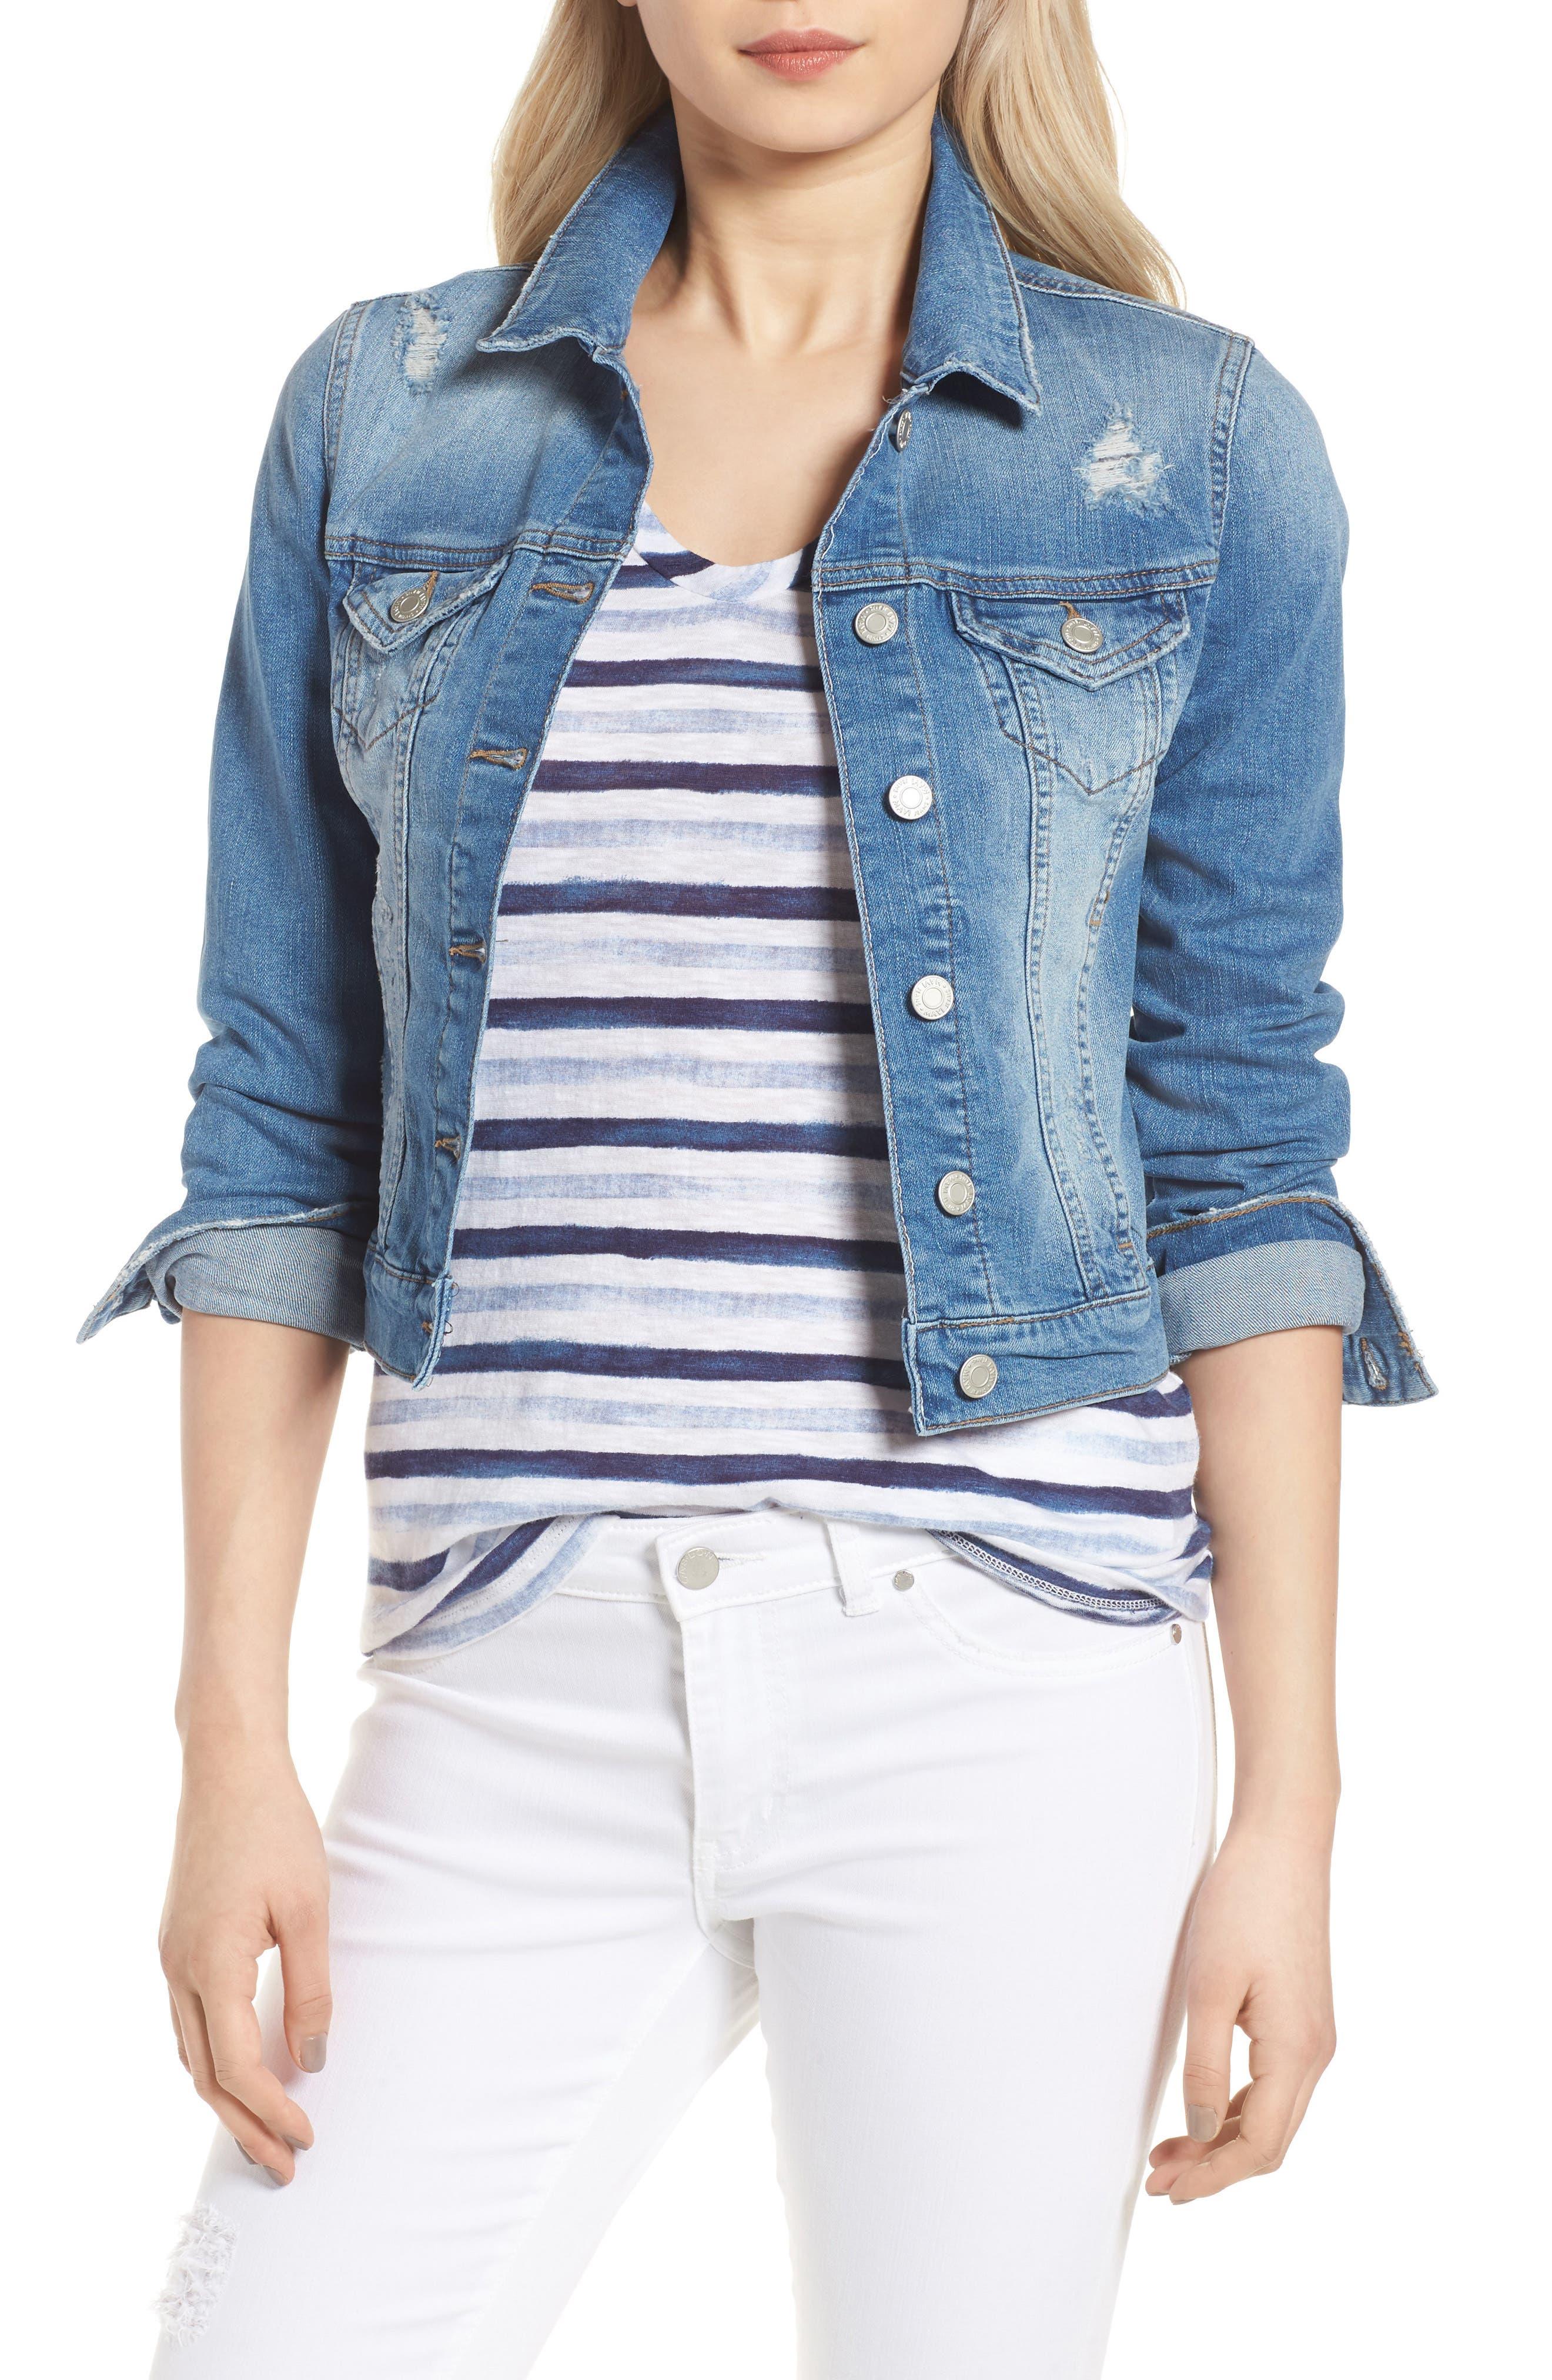 Main Image - Mavi Jeans Samantha Denim Jacket